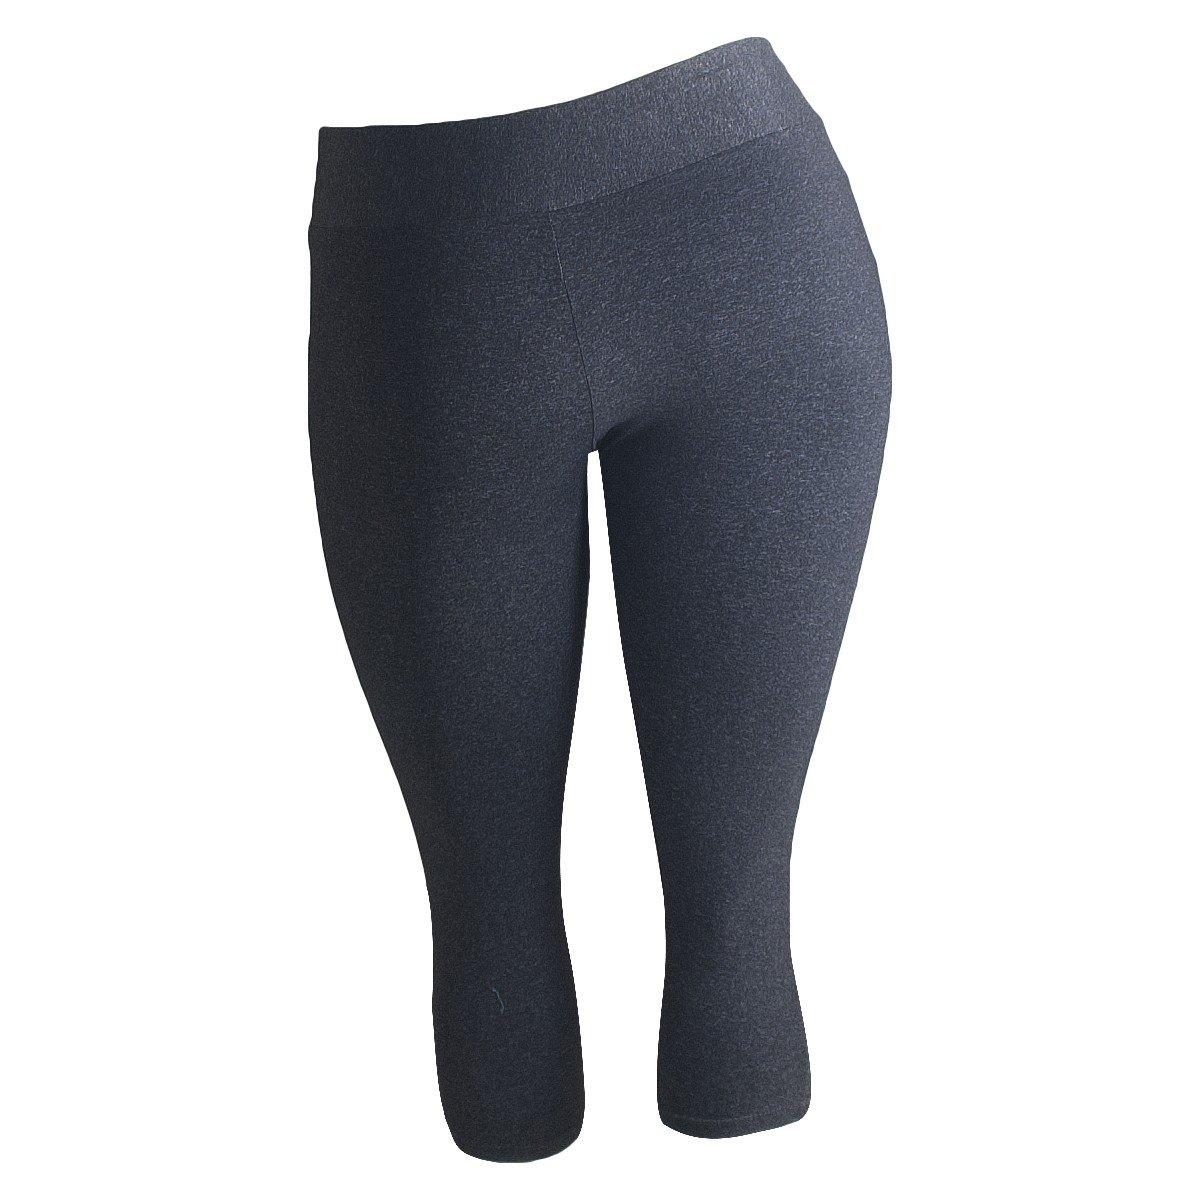 Calça Feminina Calça Plus Corsário Plus Size Chumbo Way Fit 1w5wRq0